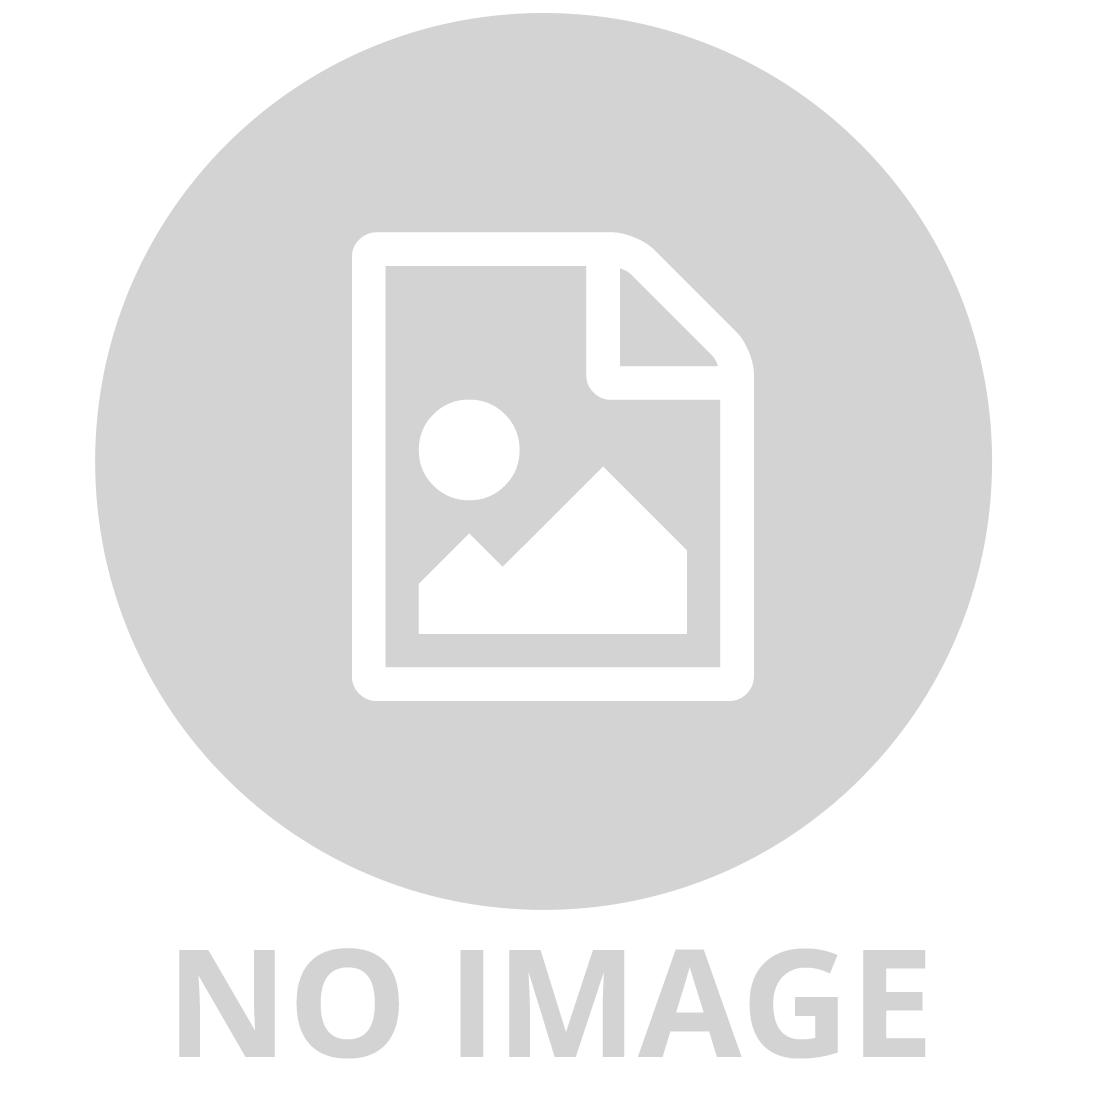 PEPPA PIG MOVIE NIGHT WITH MUMMY PIG